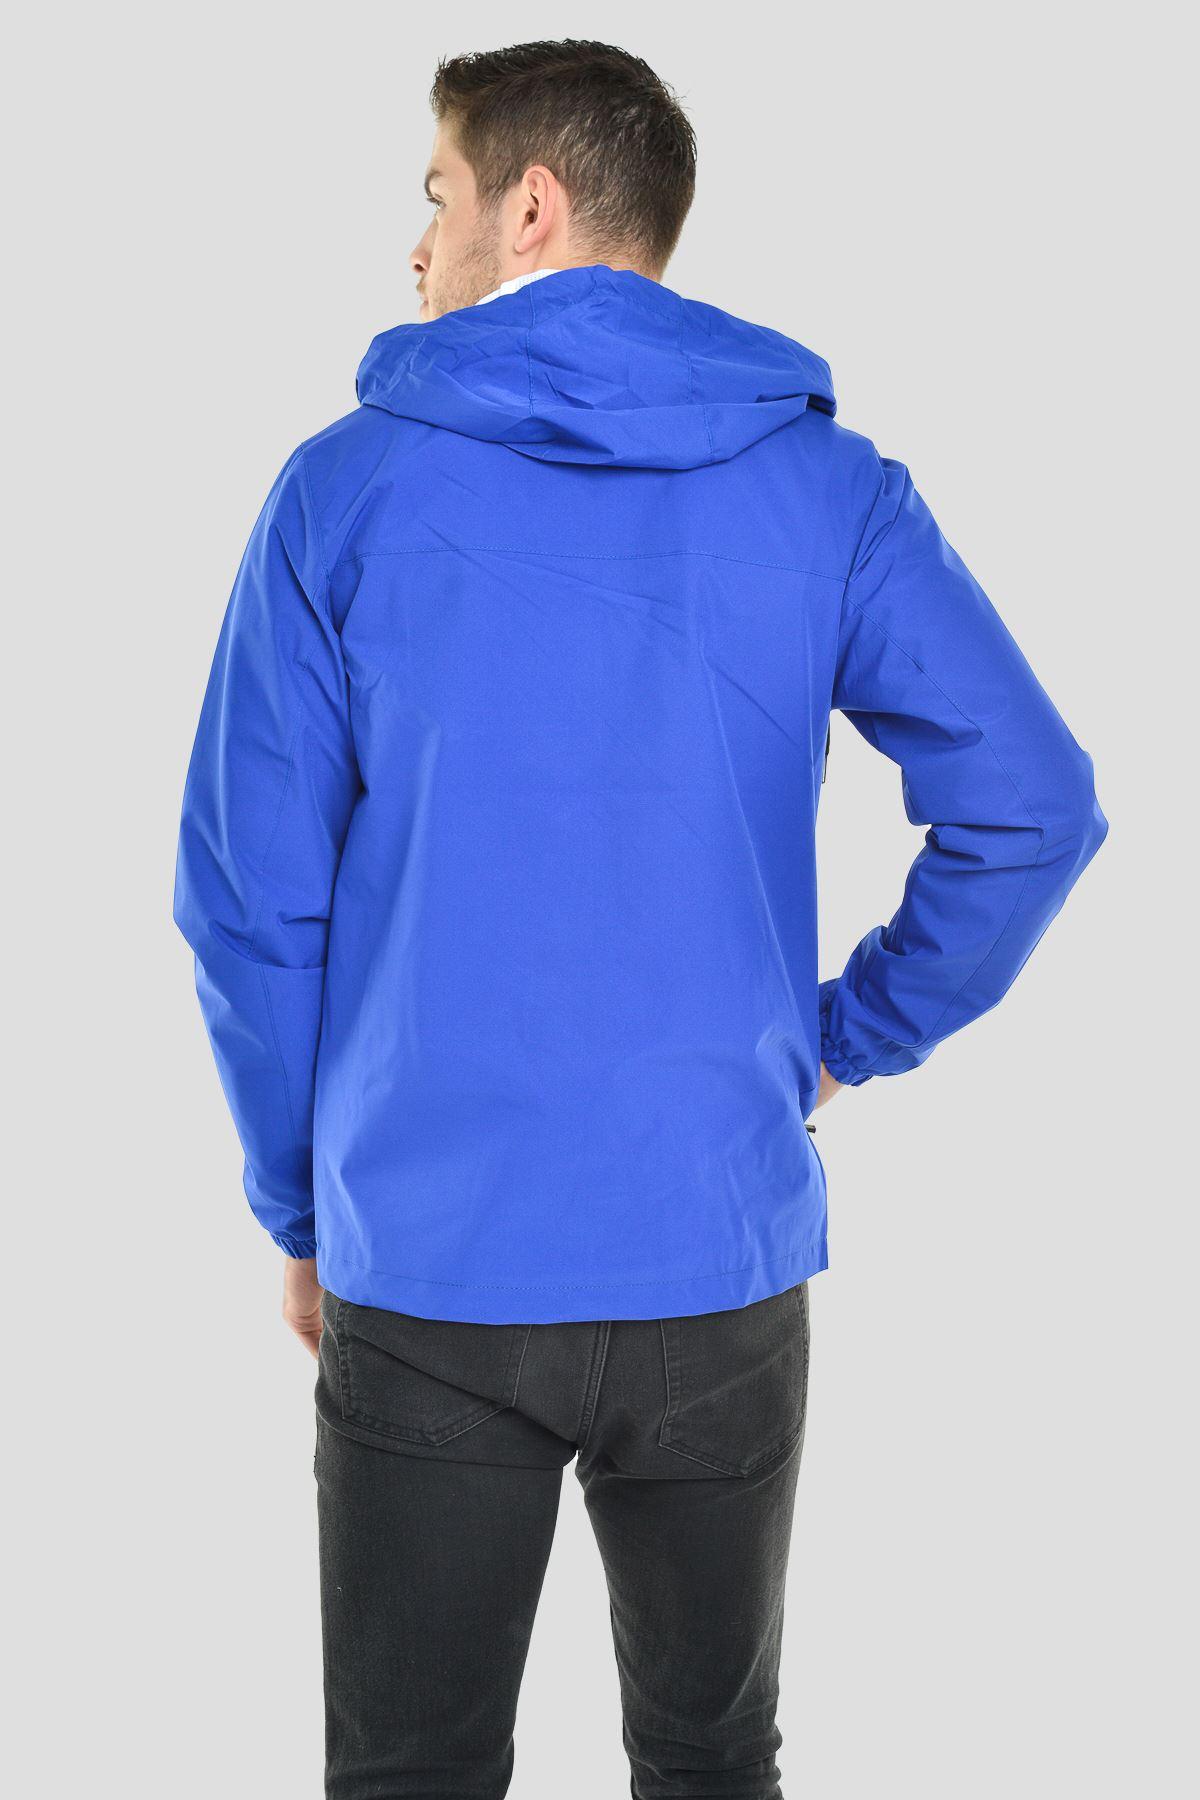 Erkek Kapüşonlu File Astarlı Su Geçirmez Mavi Yağmurluk Mont